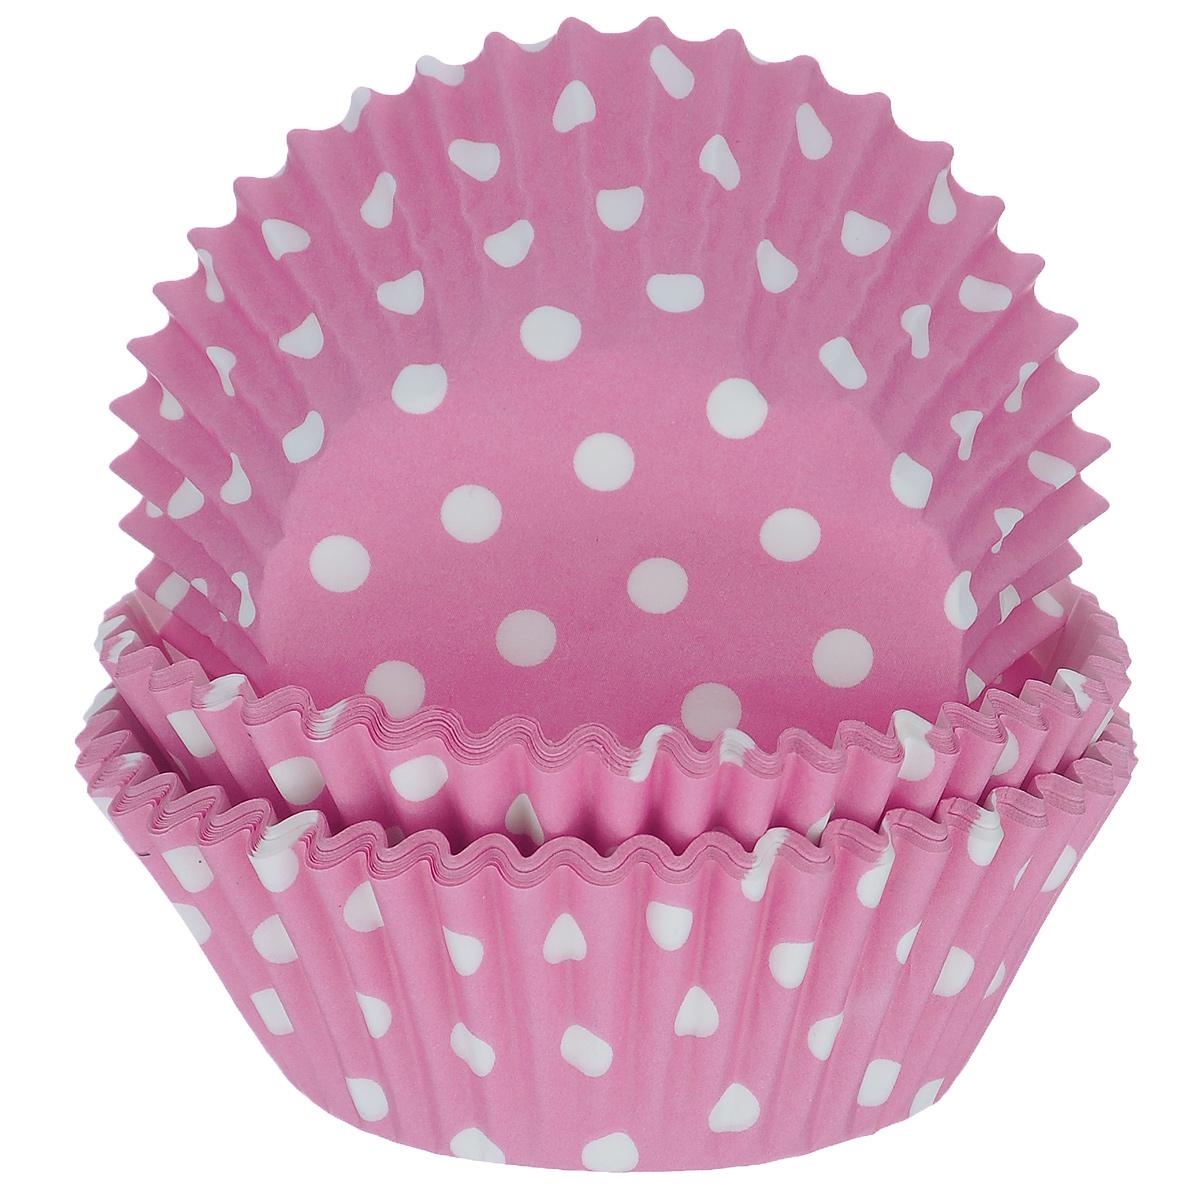 Набор бумажных форм для кексов Dolce Arti Горошек, цвет: розовый, диаметр дна 5 см, 50 шт94672Набор Dolce Arti Горошек состоит из 50 бумажных форм для кексов, оформленных принтом в горох. Они предназначены для выпечки и упаковки кондитерских изделий, также могут использоваться для сервировки орешков, конфет и много другого. Для одноразового применения. Гофрированные бумажные формы идеальны для выпечки кексов, булочек и пирожных.Высота стенки: 3 см. Диаметр (по верхнему краю): 7 см.Диаметр дна: 5 см.